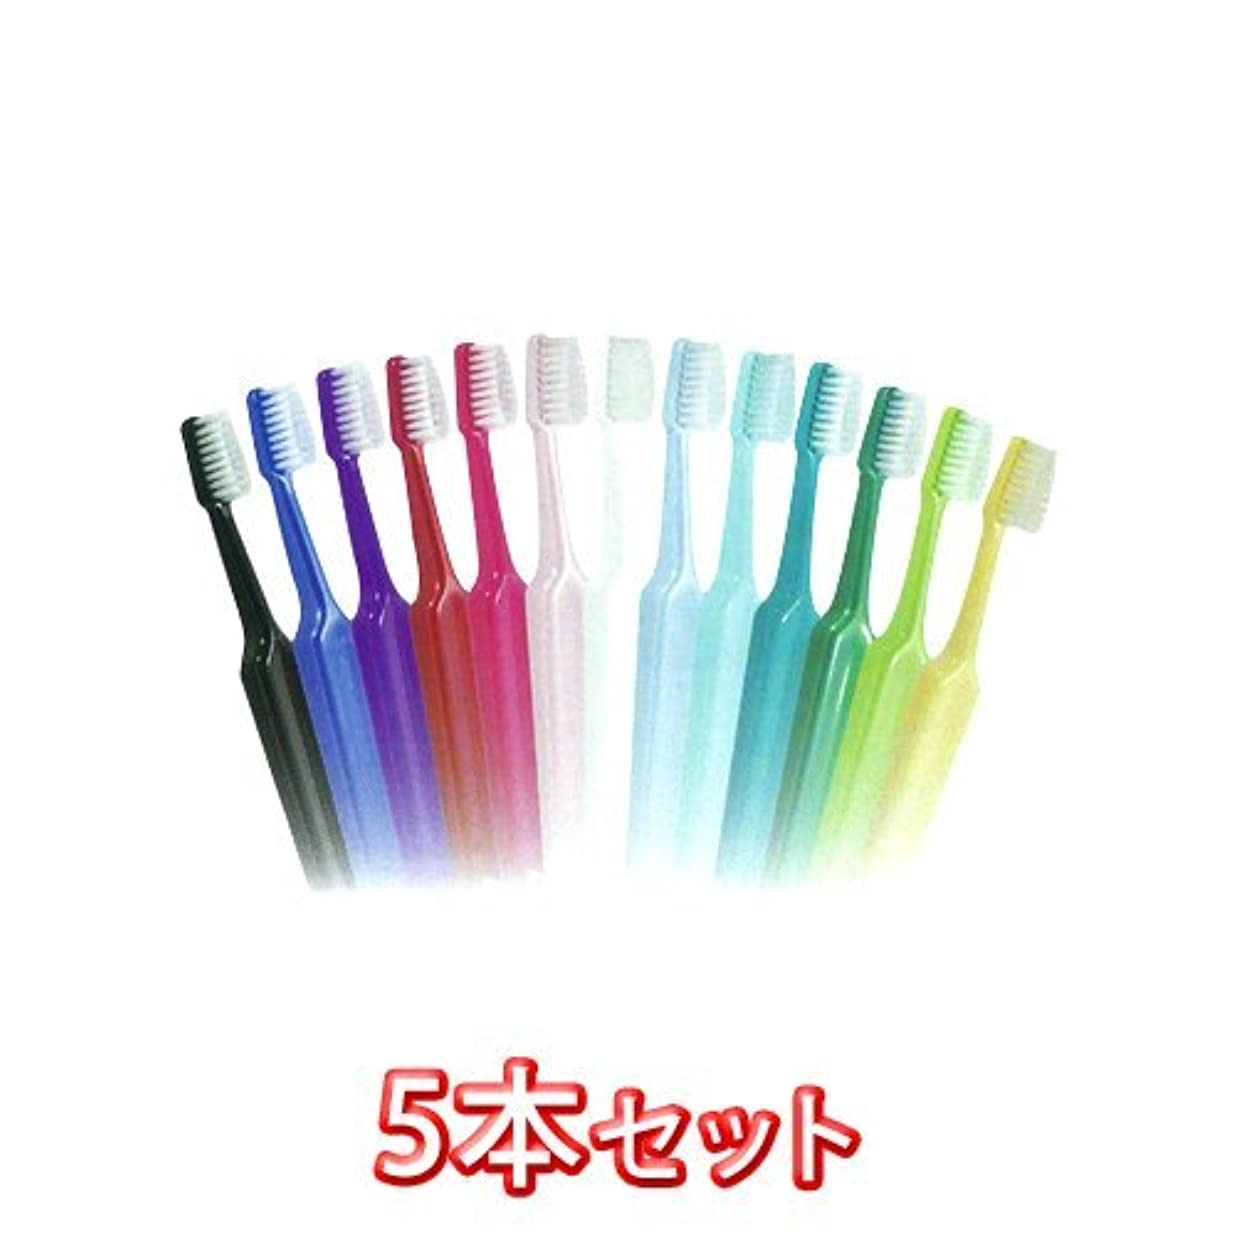 ピック間違い動揺させるクロスフィールド TePe テペセレクトコンパクト 歯ブラシ × 5本入 コンパクトソフト